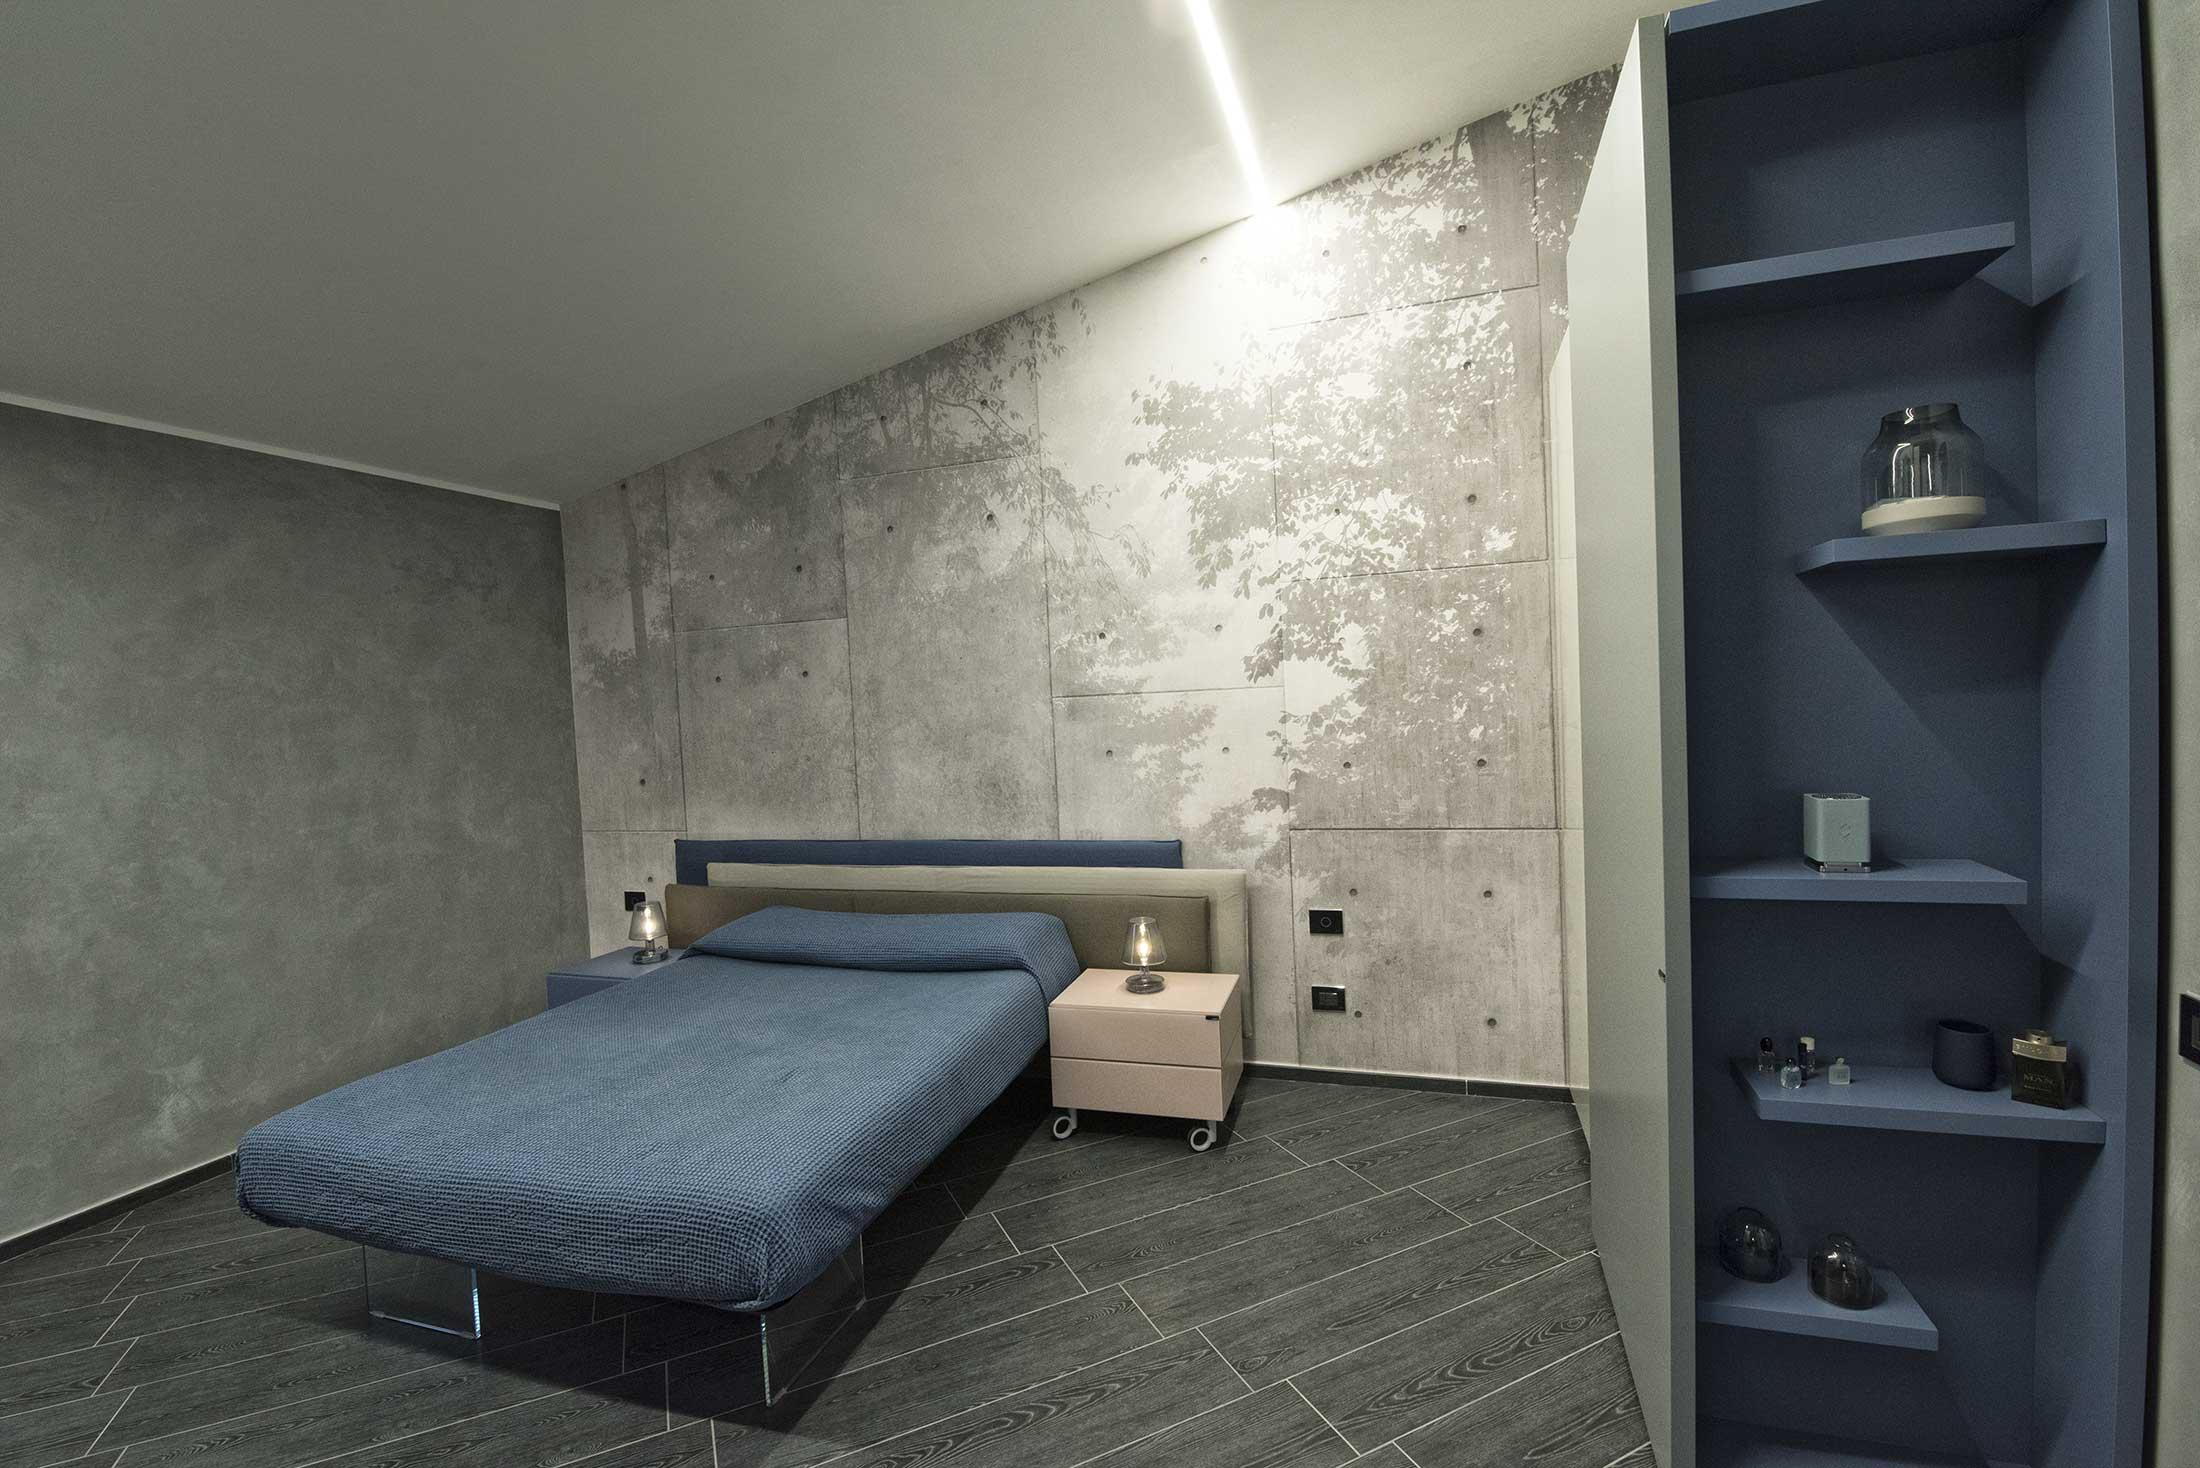 progetti-architettura-design-Formia-Addessi-Design-progettazione (19)